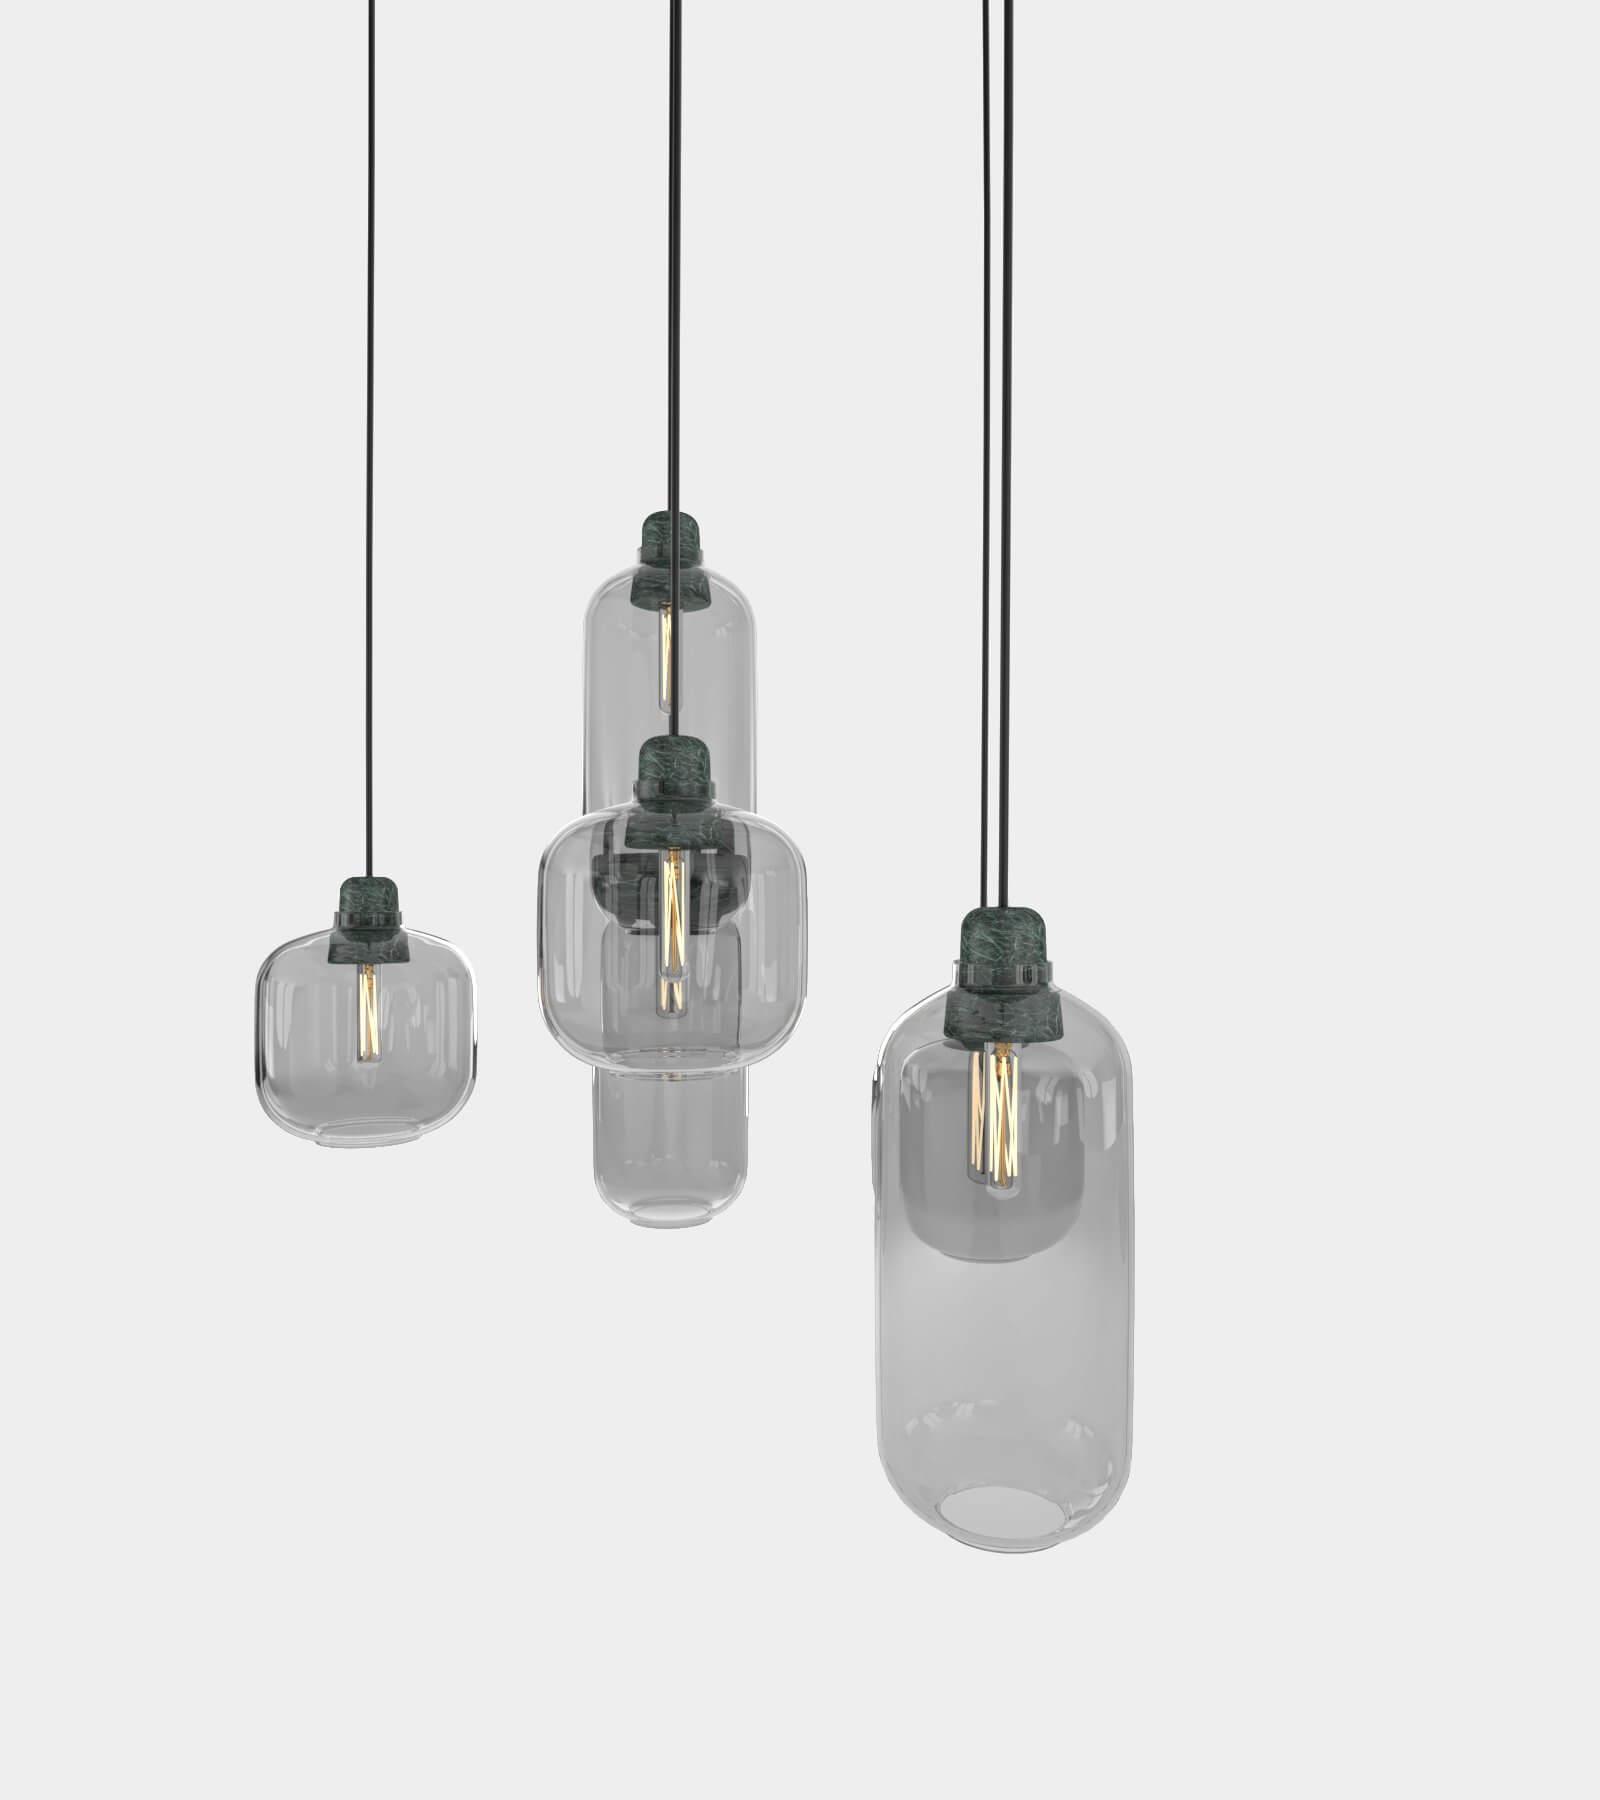 Retro round ceiling lamp set-2 3D Model